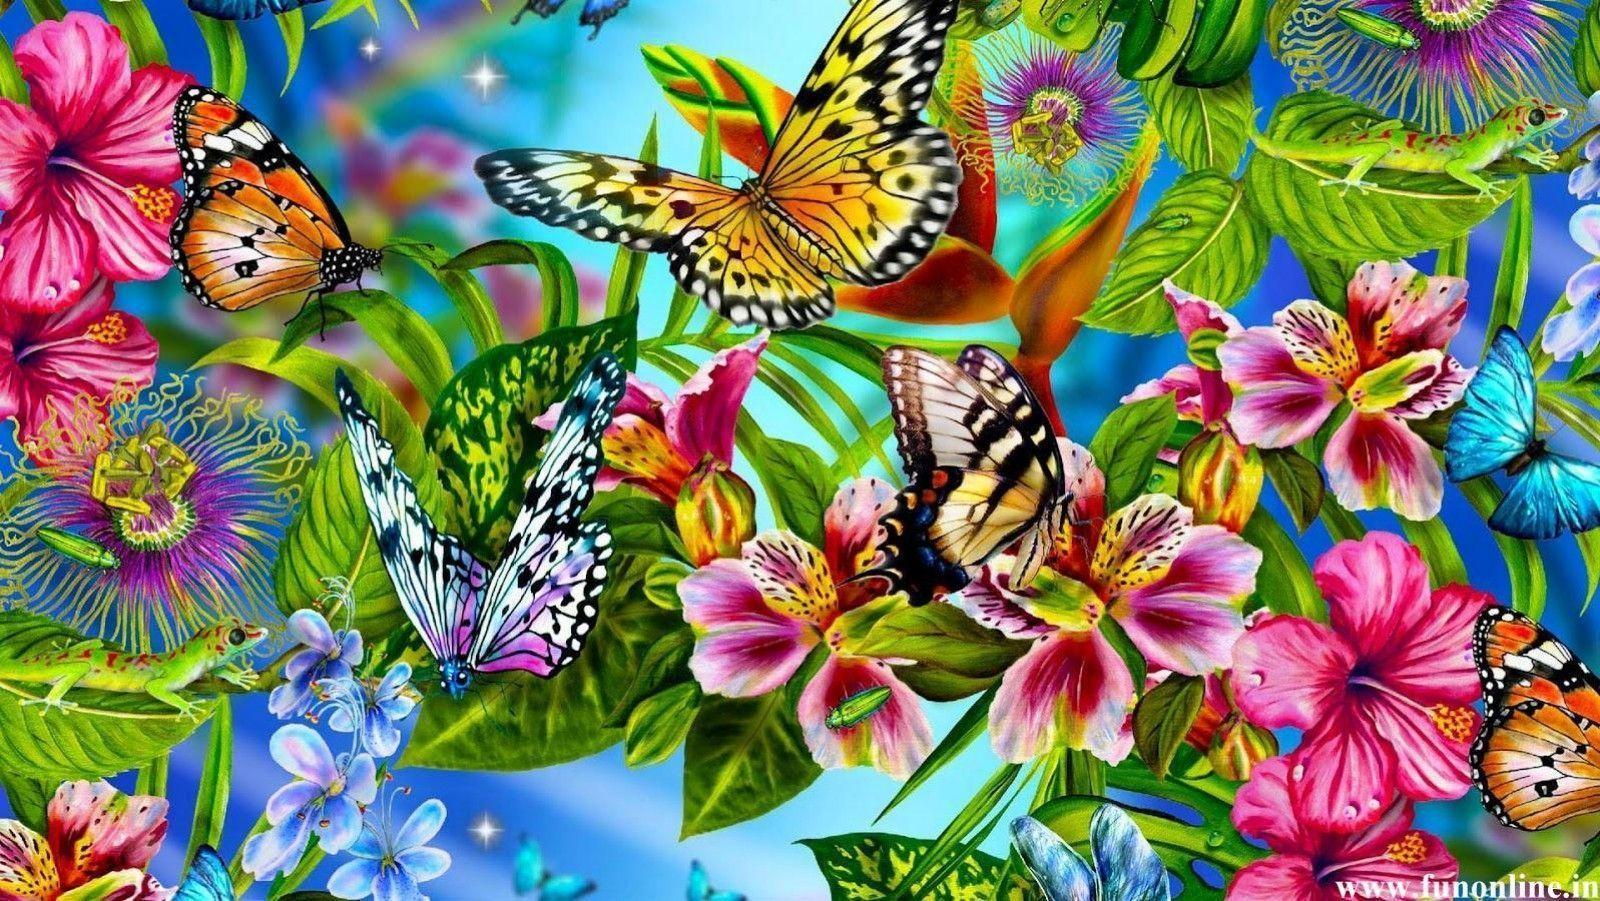 Hình nền 1600x901 Lilies with Butterflies